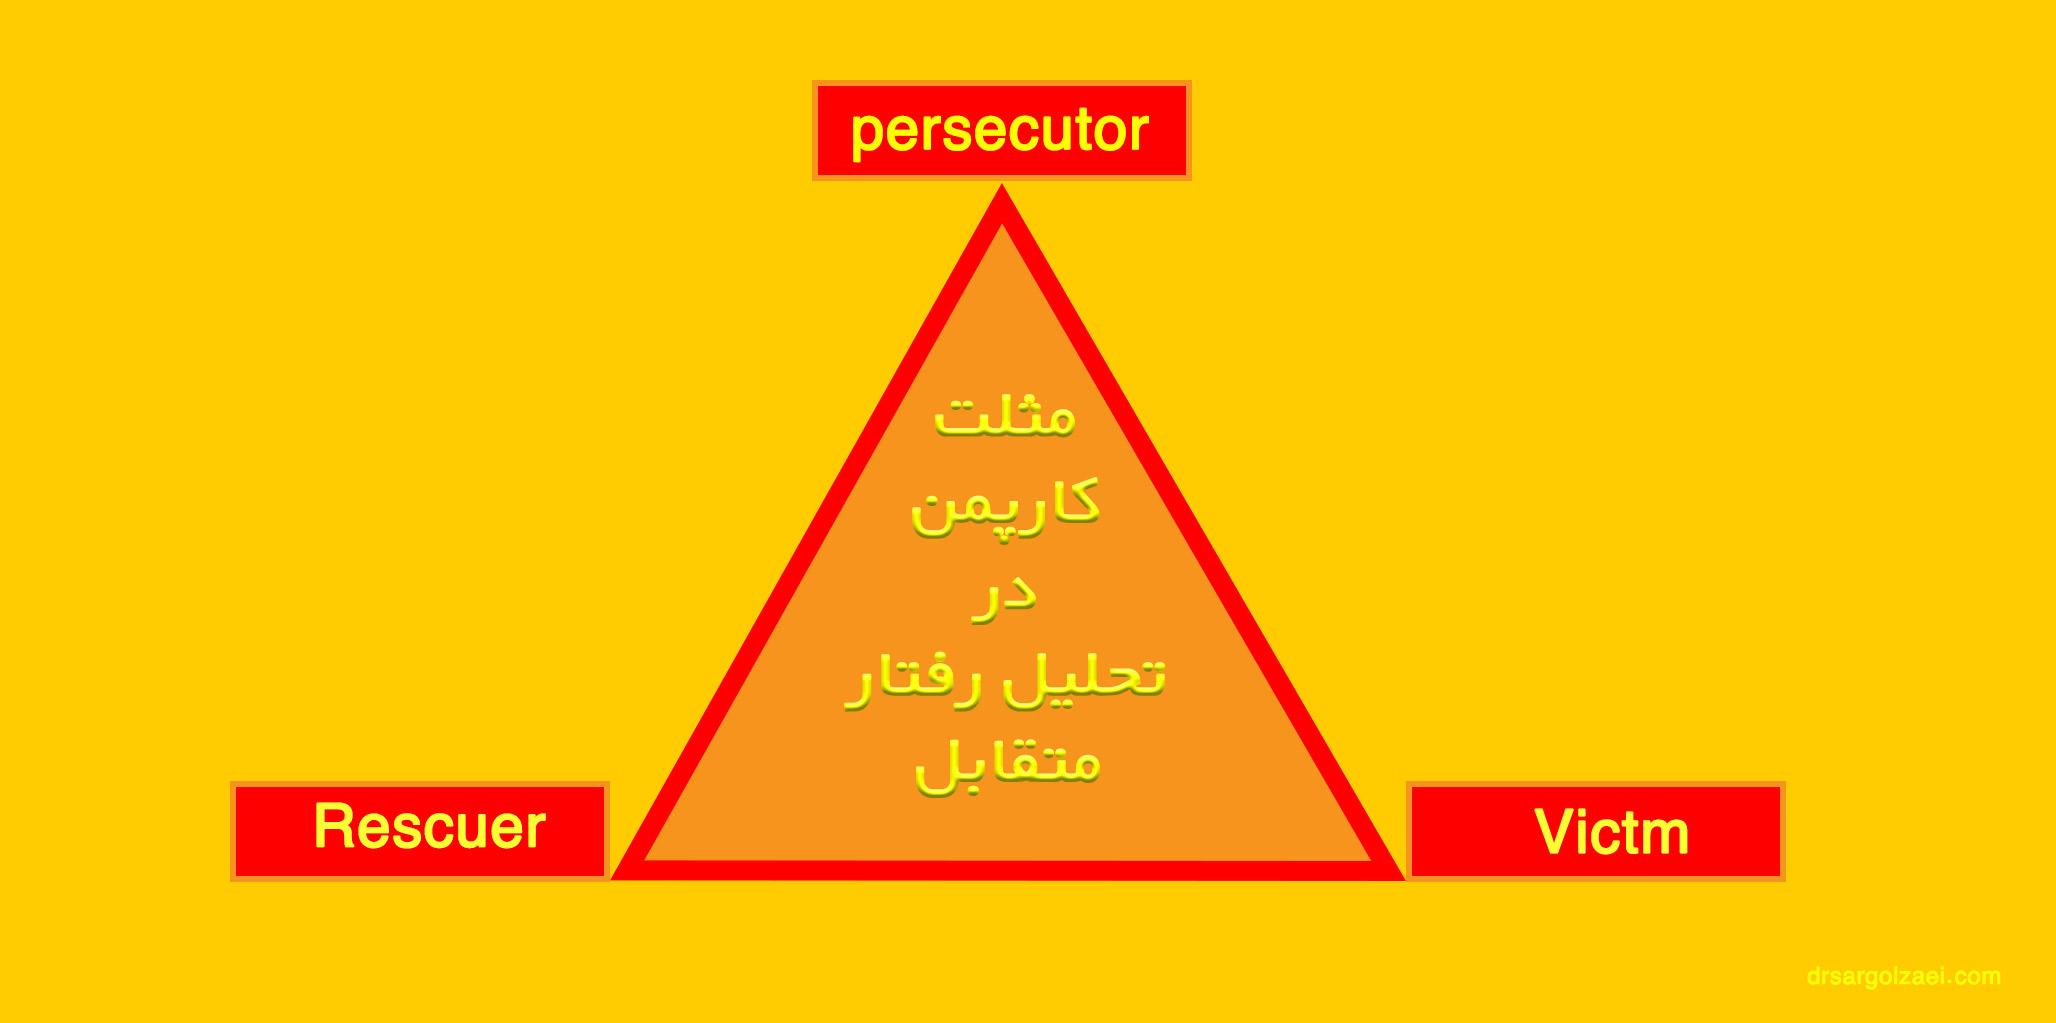 اختلالات شخصیت و مثلث کارپمن